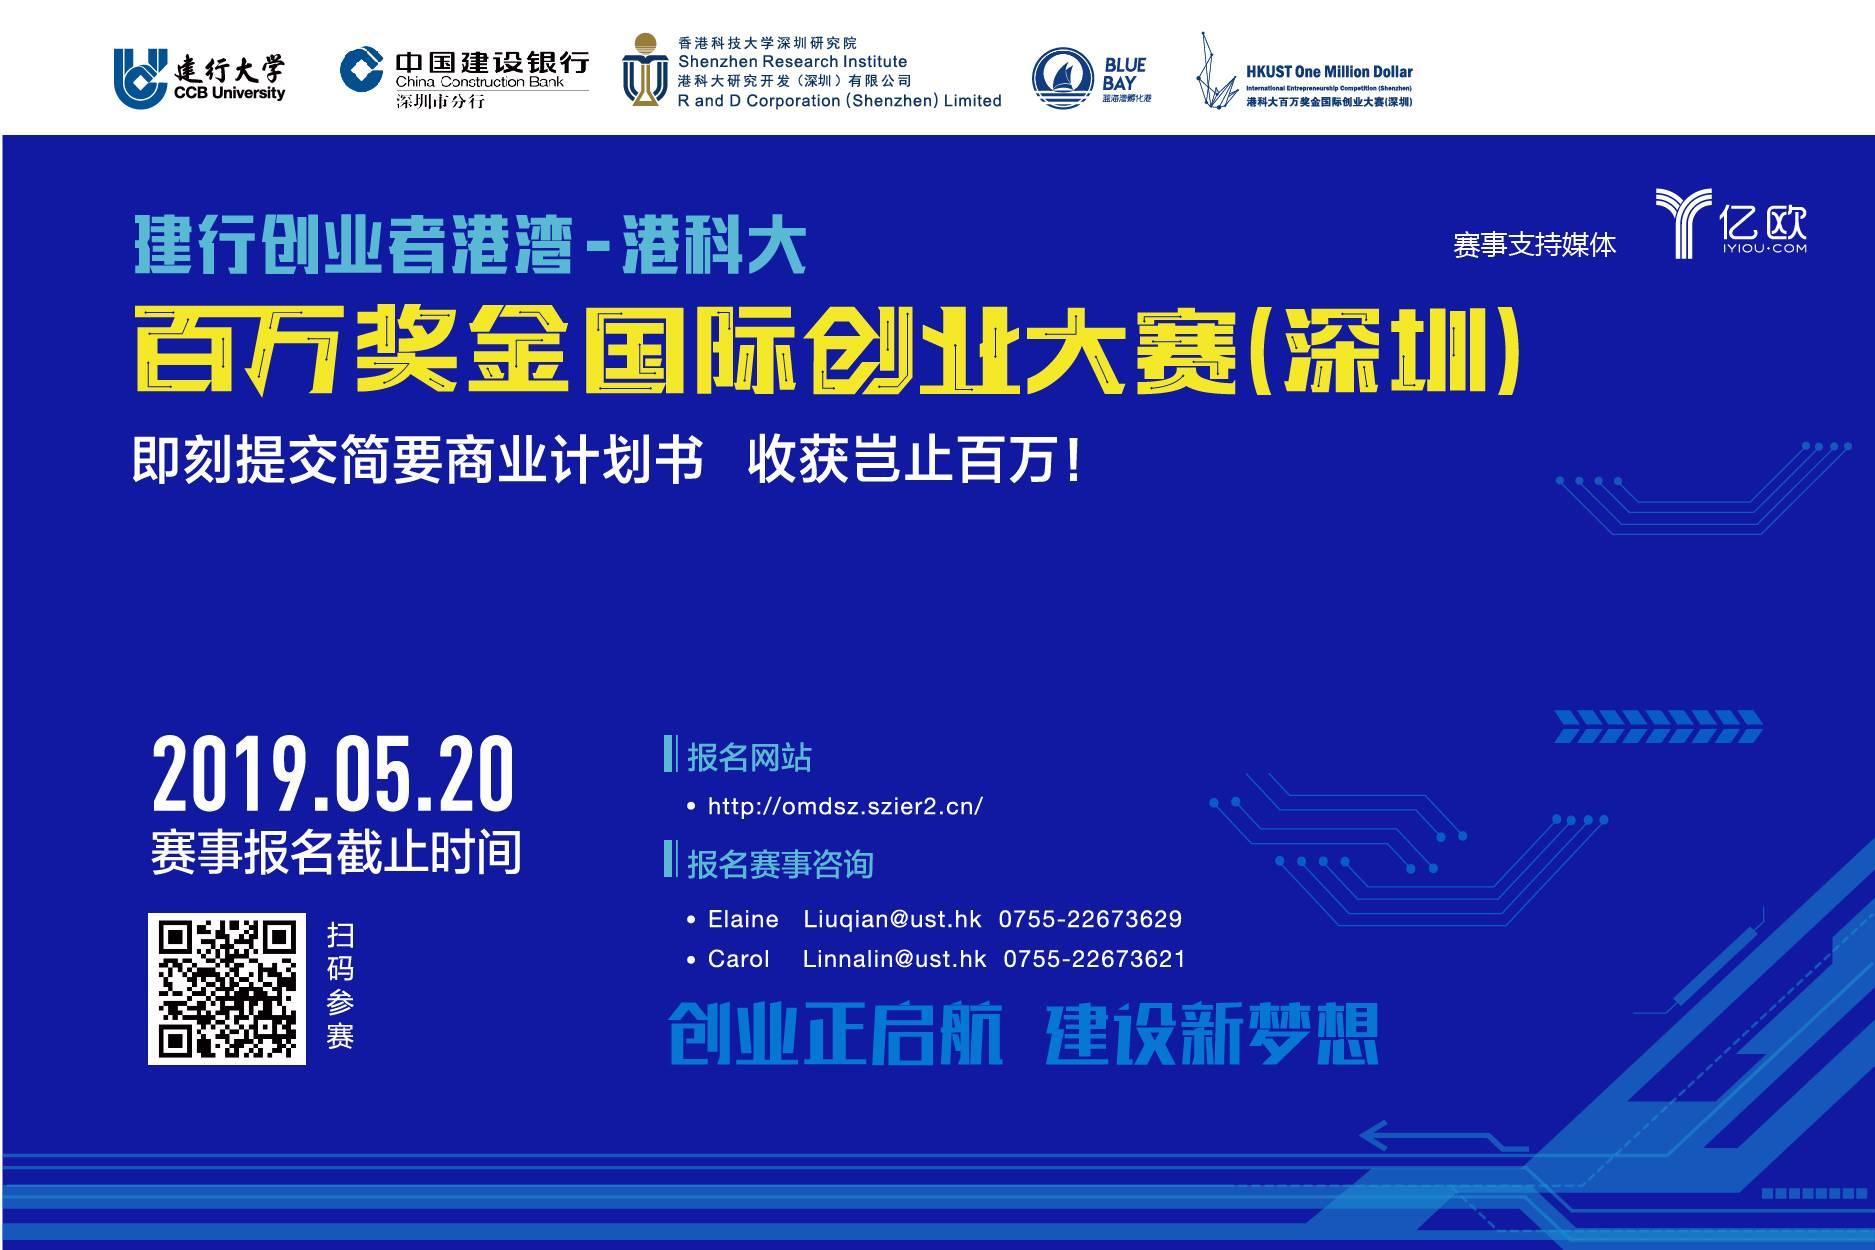 百万奖金国际创业大赛(深圳)